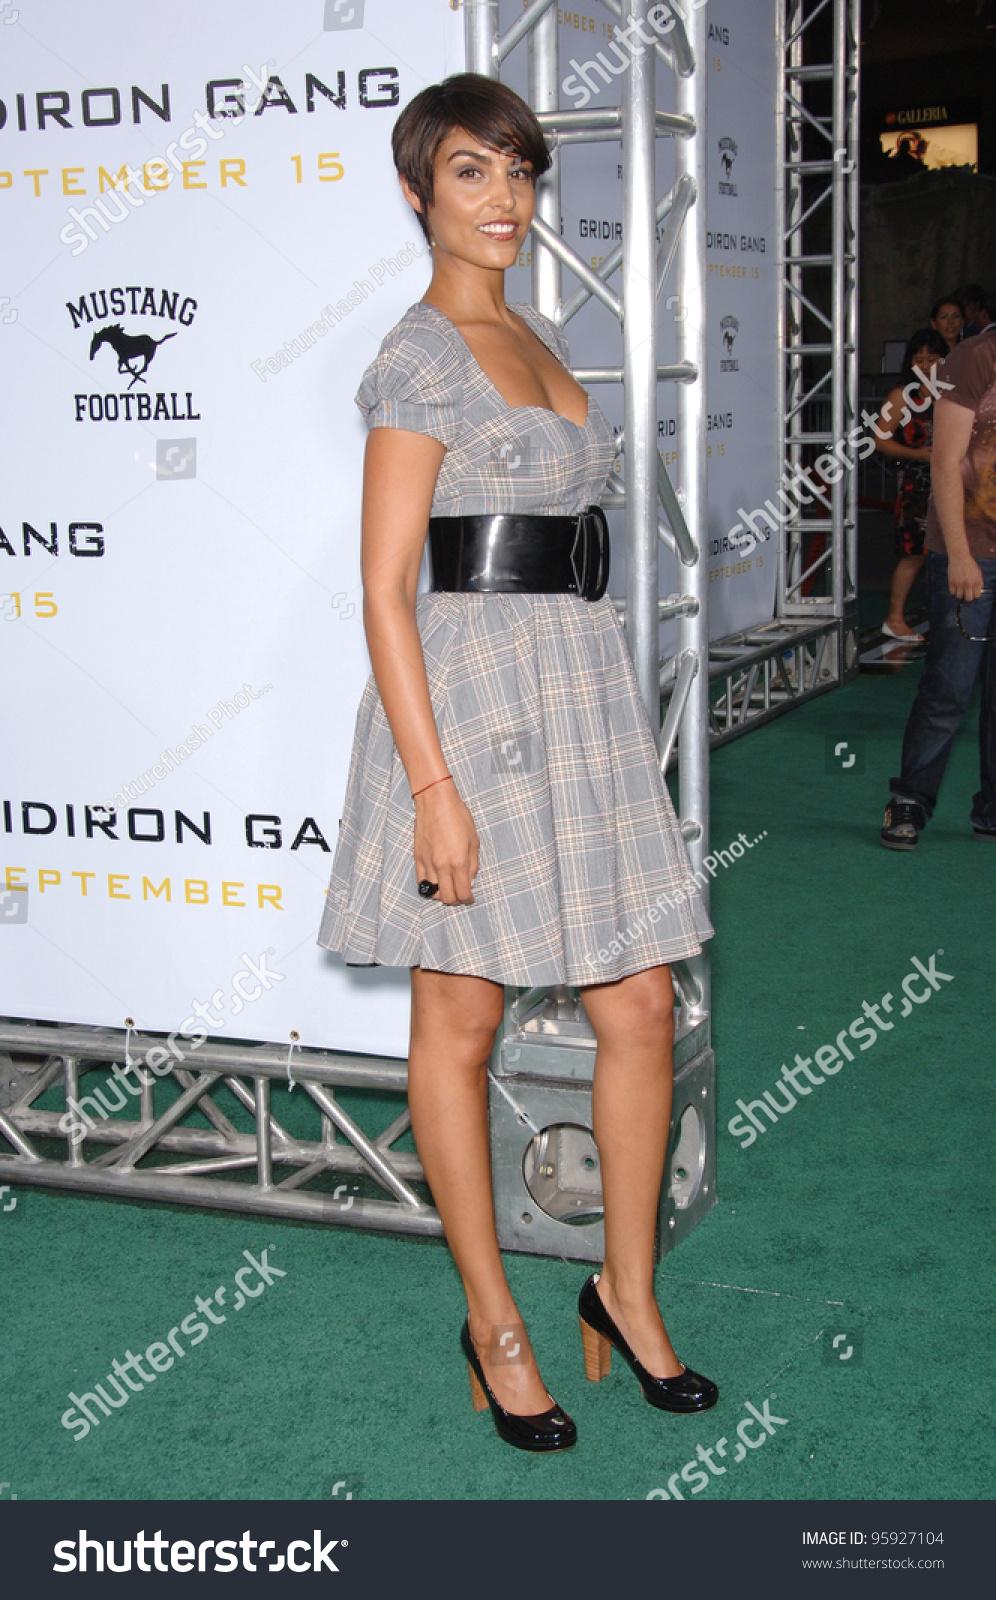 15. Megan Fox 15. Megan Fox new pictures